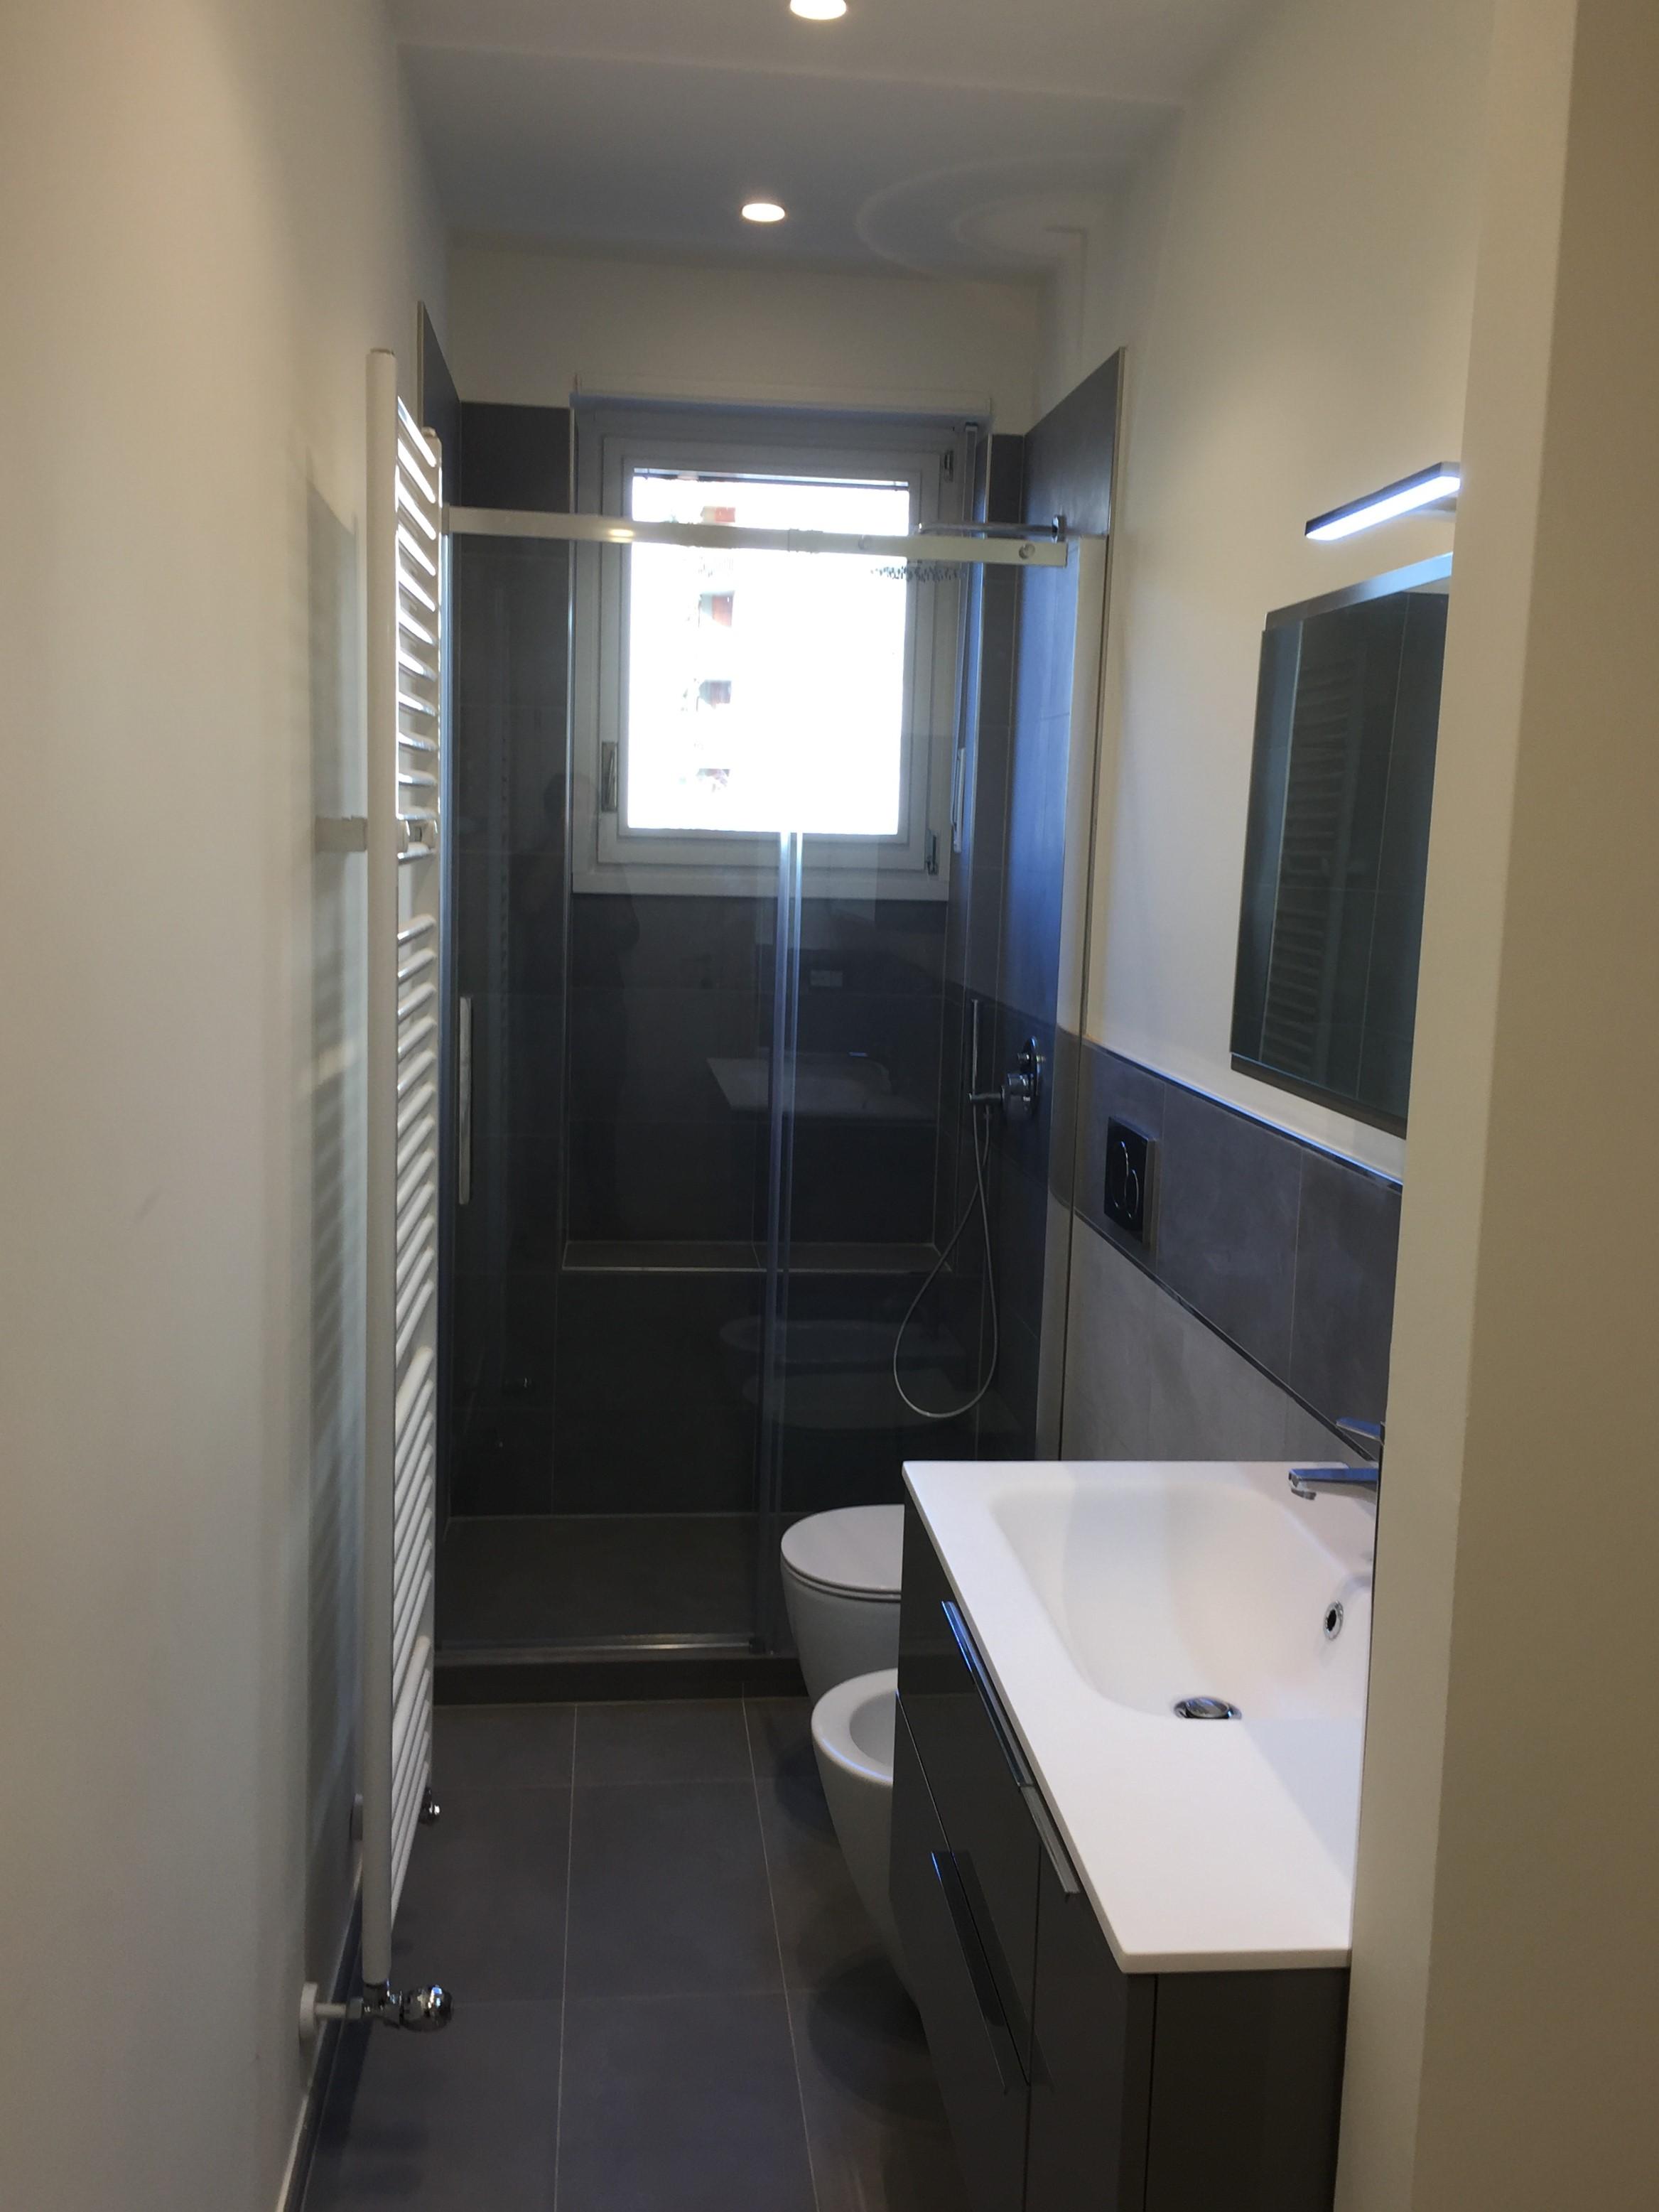 Ristrutturazione di due bagni in appartamento a torino - Doccia finestra ...